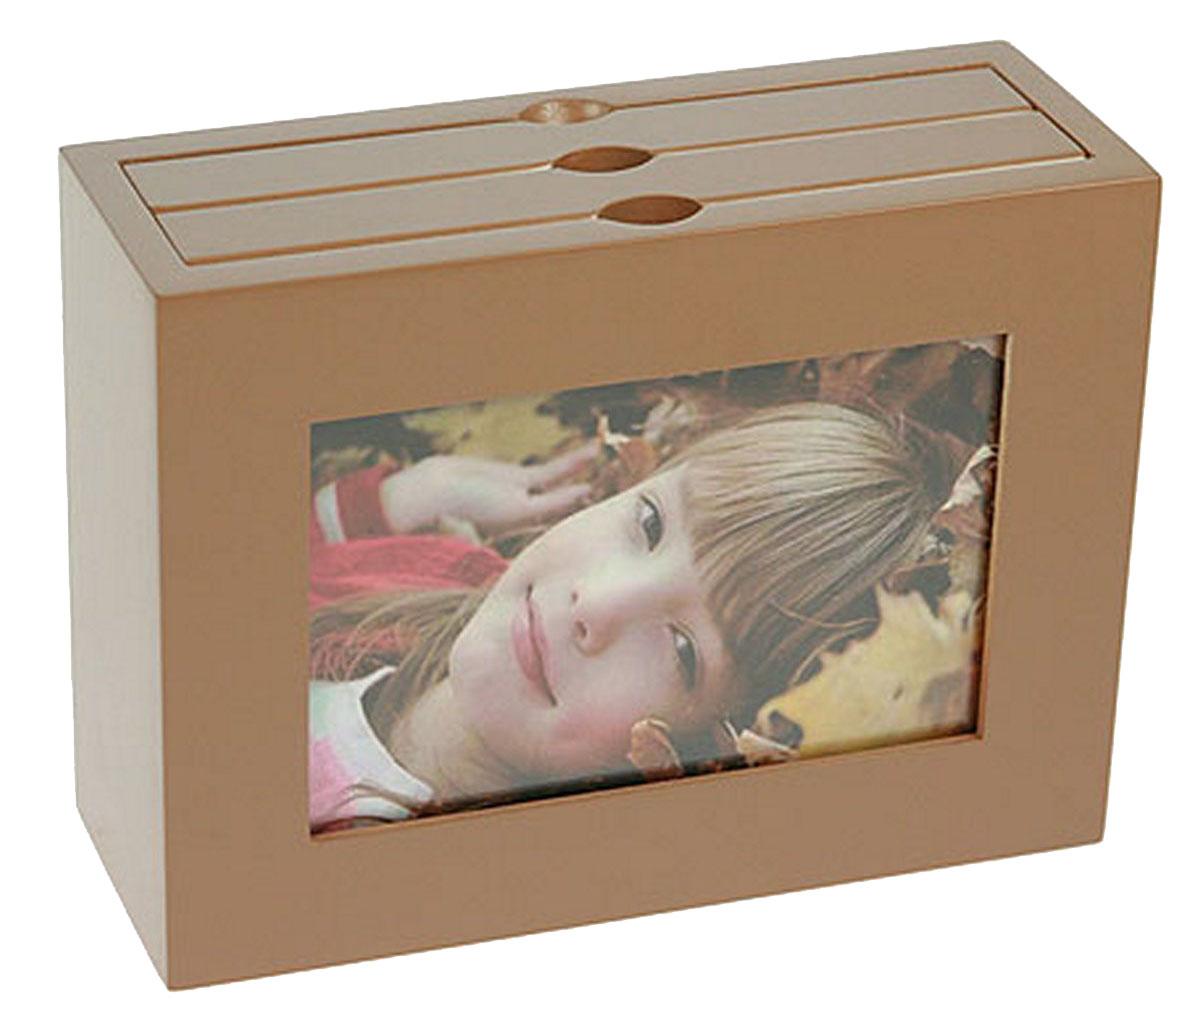 Архивный фотоальбом Moretto, на 48 фото, 10 x 15 см. 138047138047Оригинальный архивный фотоальбом Moretto, рассчитанный на 48 фотографий, выполнен в виде деревянного бокса. Бокс содержит 2 альбома, каждый из которых рассчитан на 24 фотографии форматом 10 х 15 см, а также имеет отверстие для центральной фотографии.Такой архивный альбом станет достойным украшением вашего интерьера и будет уникальным подарком вашим друзьям.